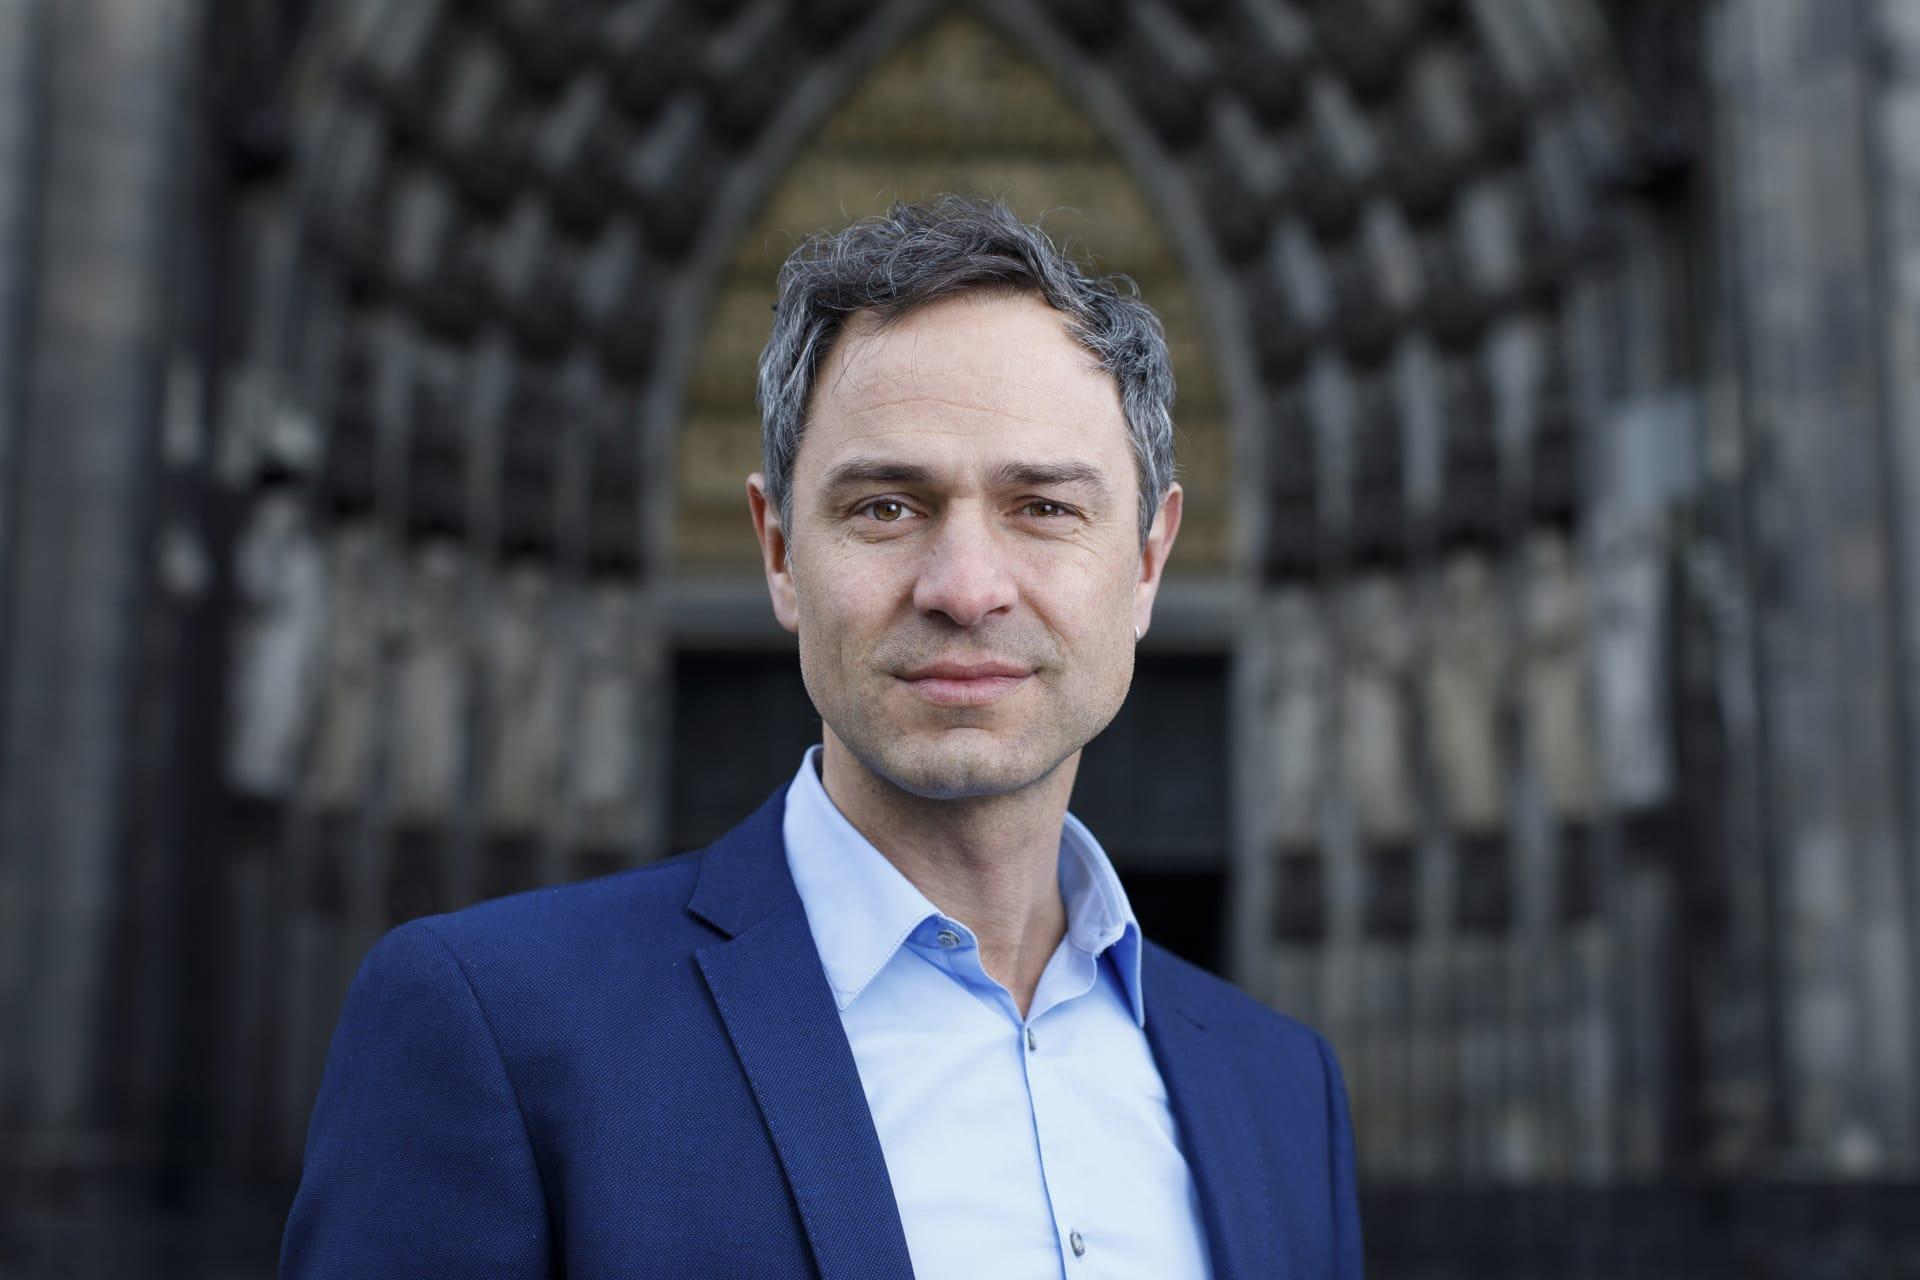 Daniele Ganser - The Terrorism Industry